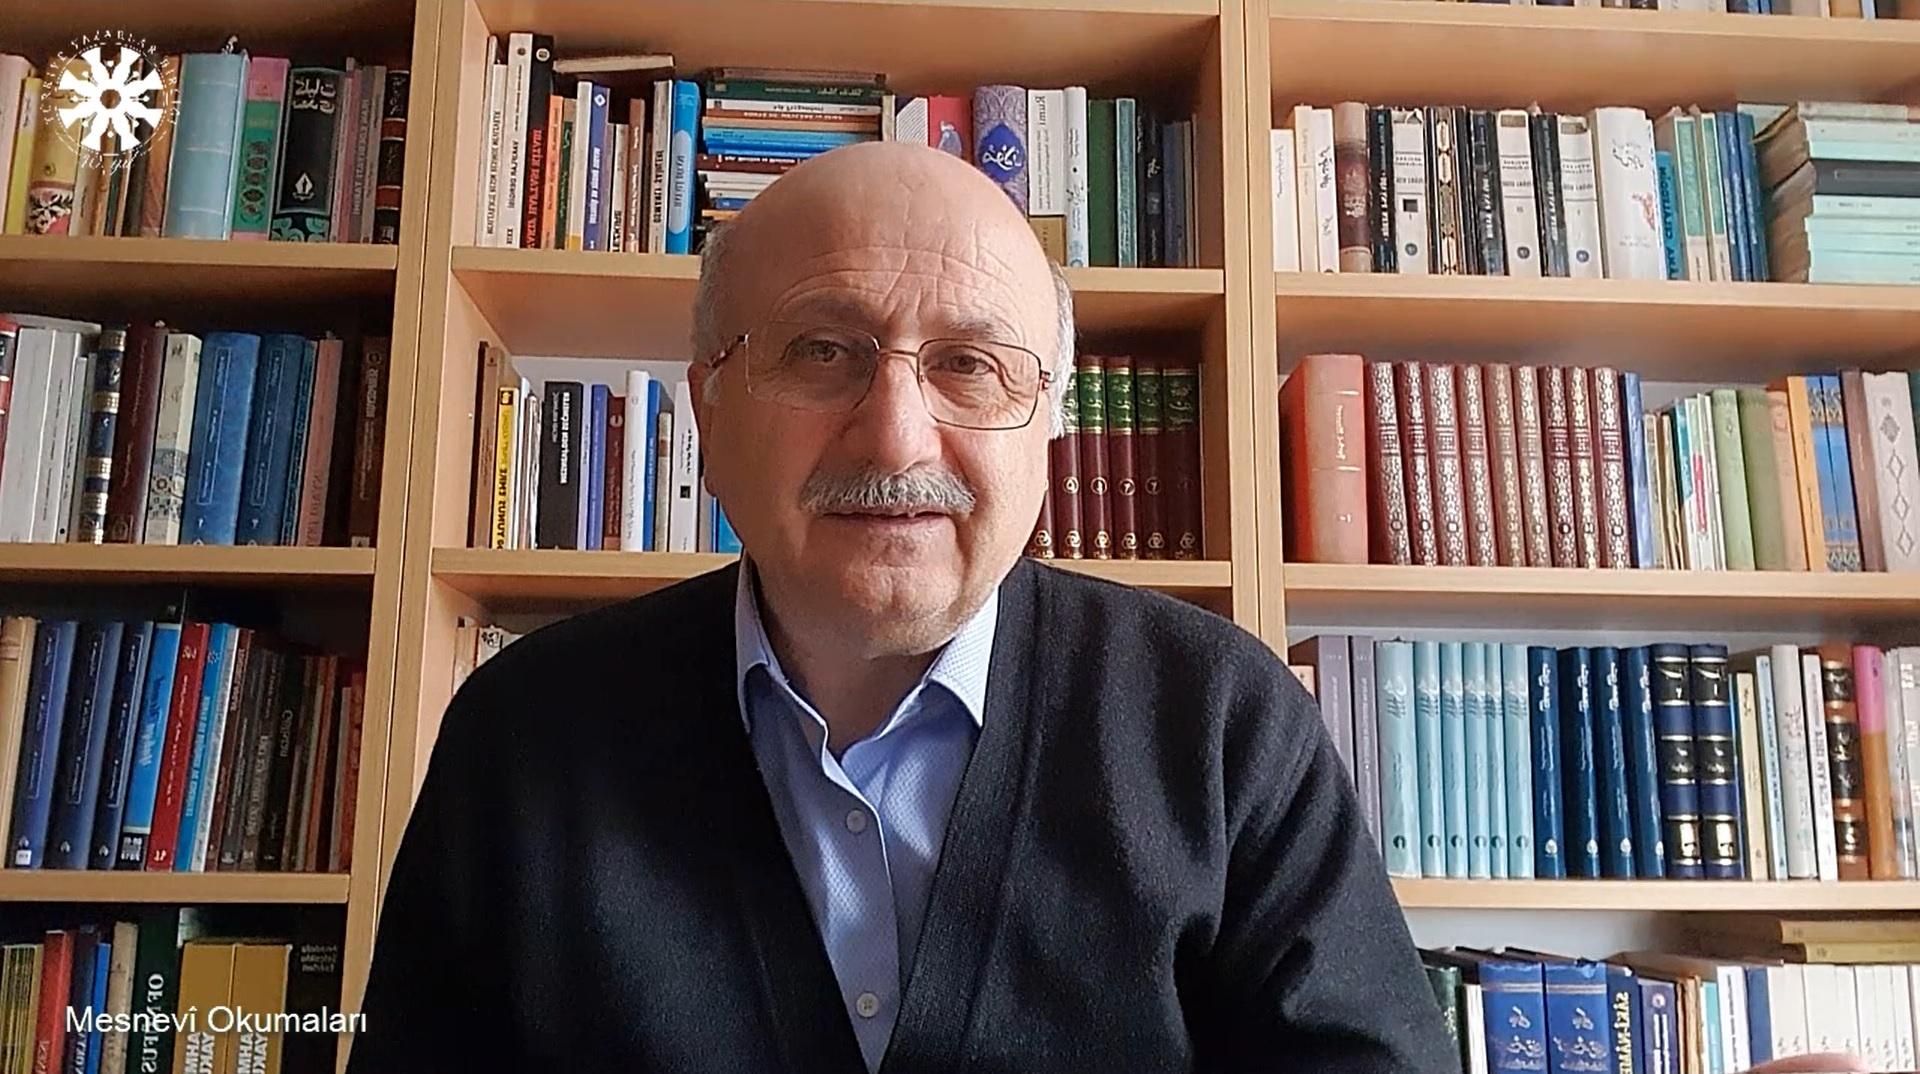 Mesnevî Okumaları -60- Prof. Dr. Adnan Karaismailoğlu